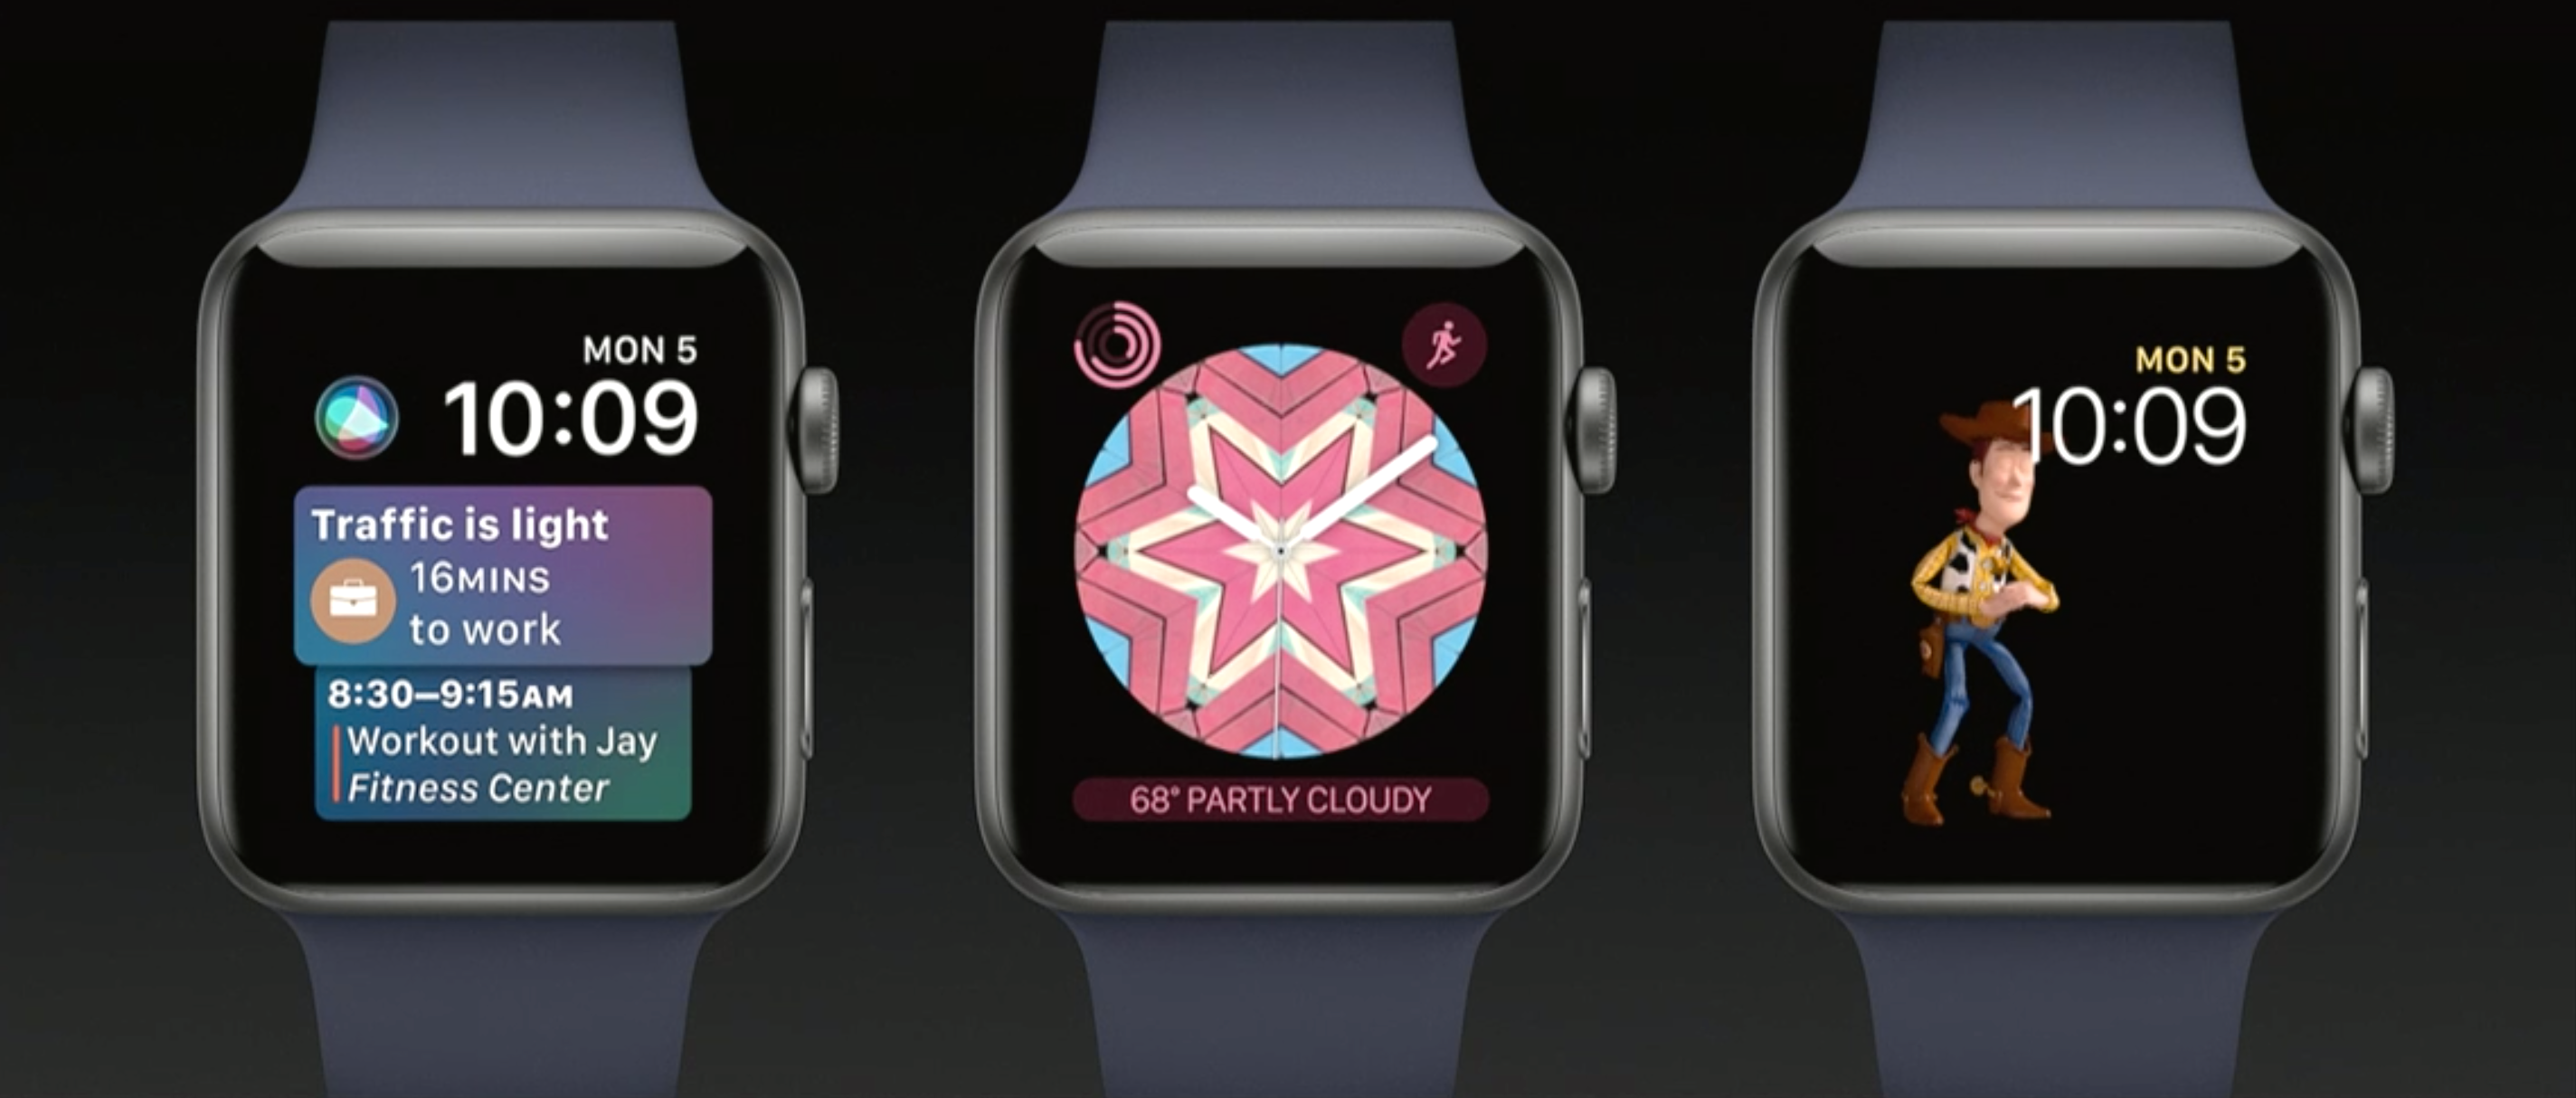 Siri Face, Kaleidoskope og Toy Story er nyheter.